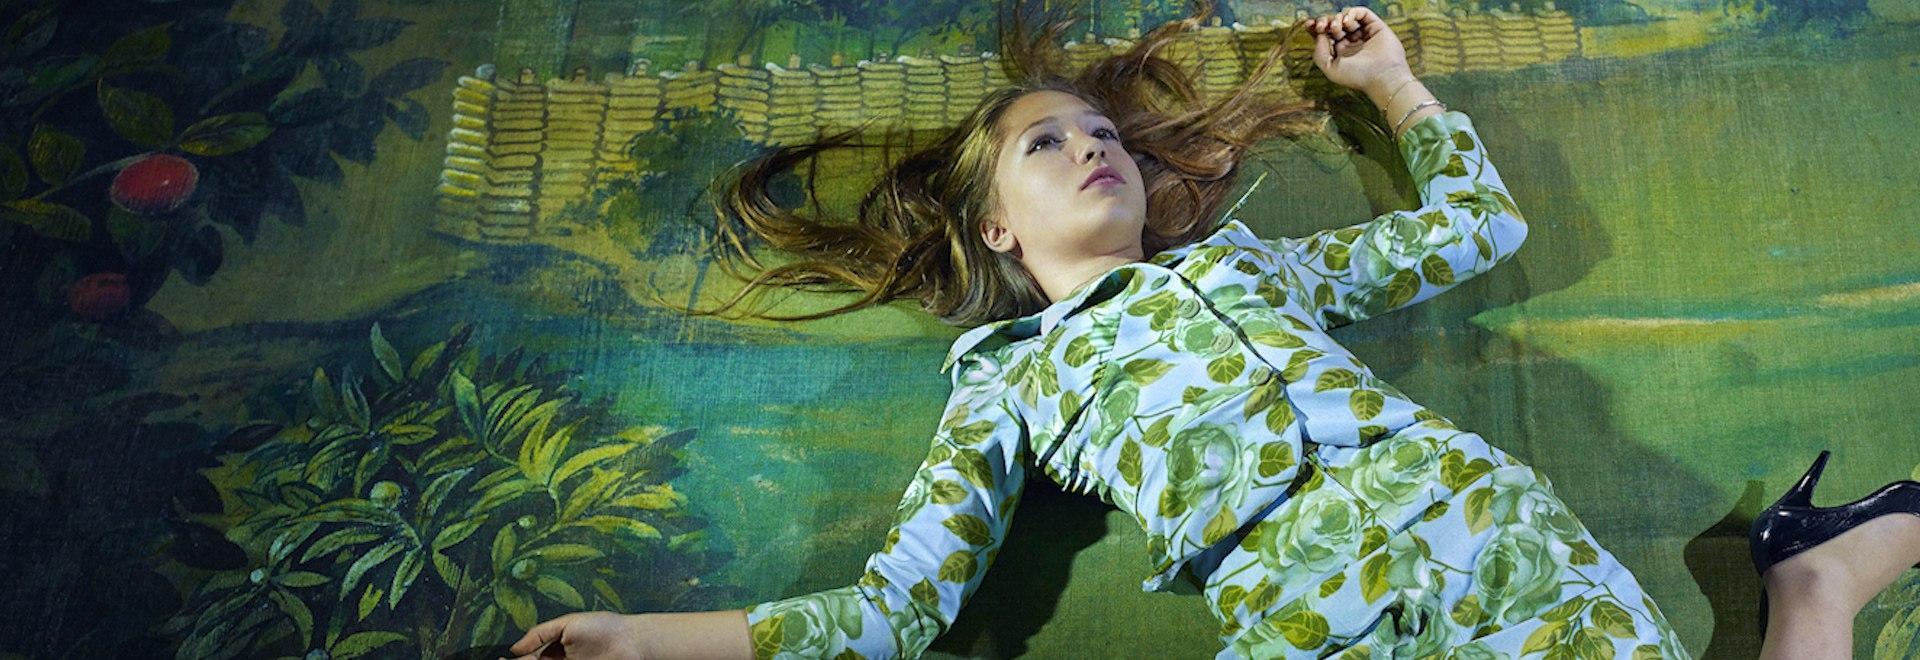 Ilaria Magliocchetti Lombi - Un ritratto in due